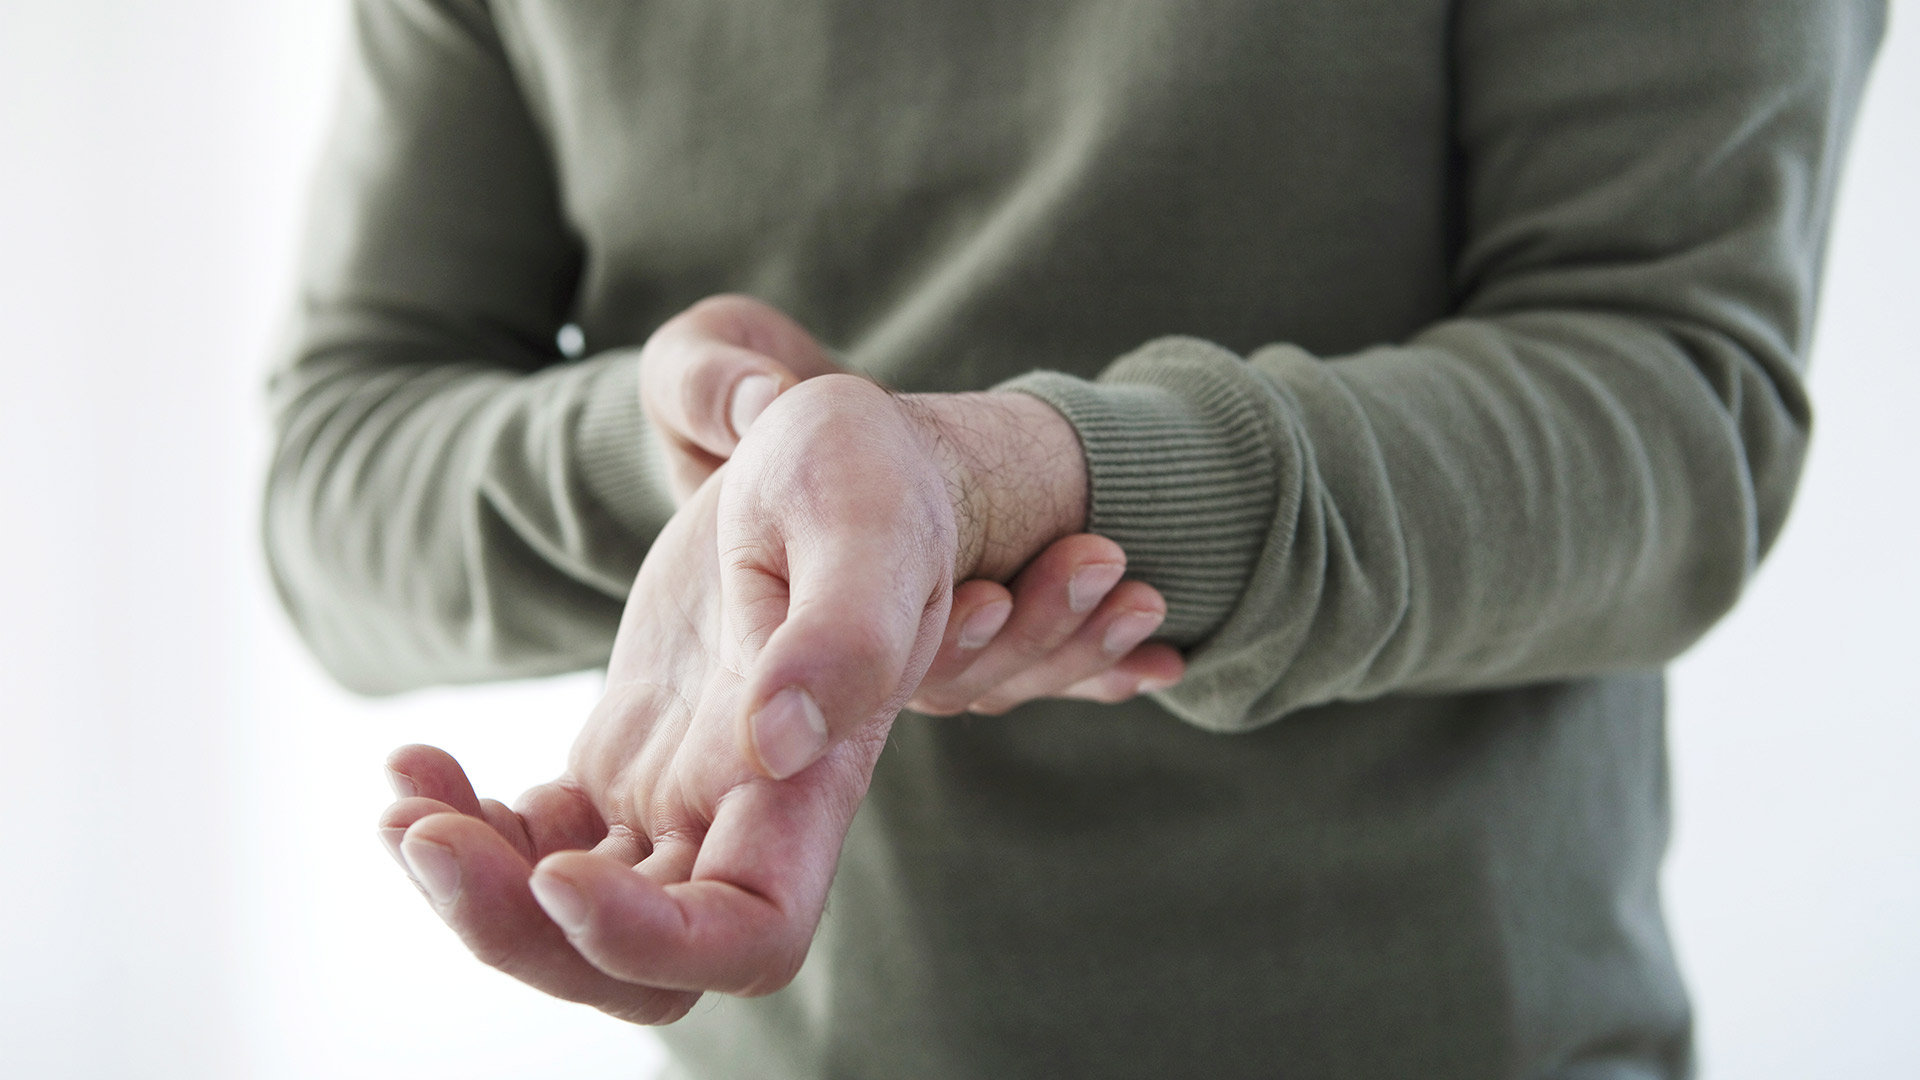 lehet-e gyógyítani a hüvelykujj izületi gyulladását